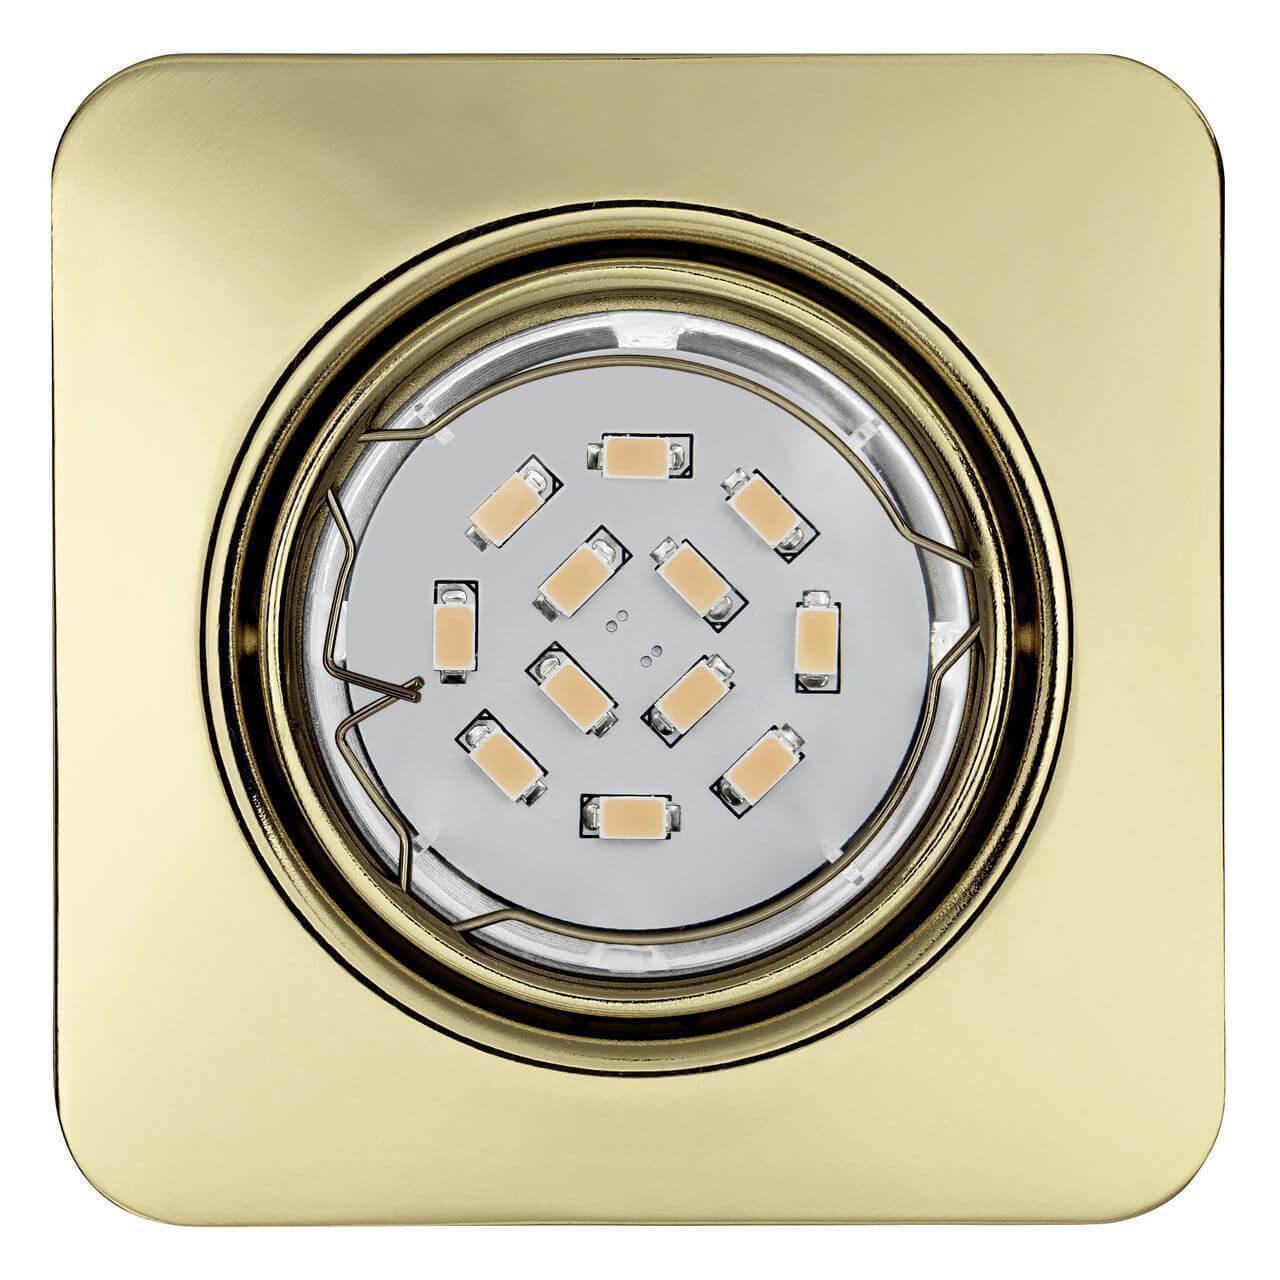 Встраиваемый светильник Eglo 94402, желтый встраиваемый светильник eglo 94402 желтый